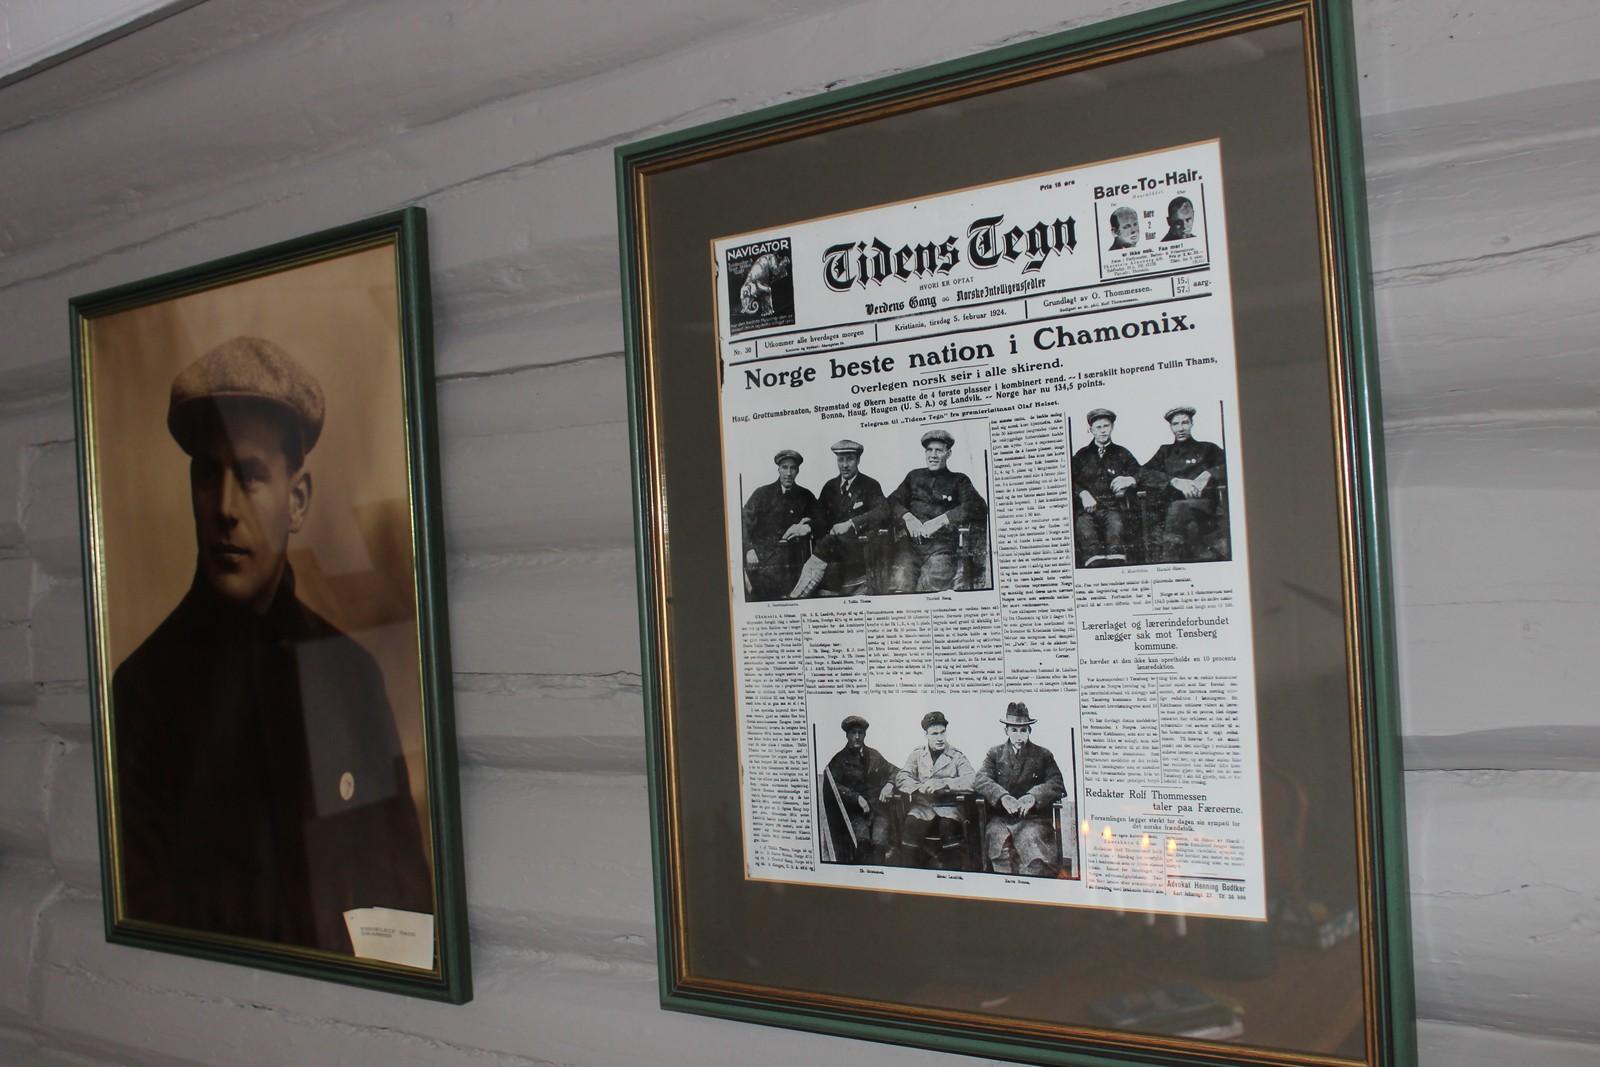 """I """"Tidens Tegn"""", forløperen til VG, kunne man den 5. februar 1924 lese om Norges store bragd i kombinert-rennet i OL i Chamonix. Nordmennene gjorde rent bord, og fire nordmenn sto øverst på resultatlisten. Aller øverst tronet Thorleif Haug. I alt tre gull tok han i de første olympiske vinterlekene."""